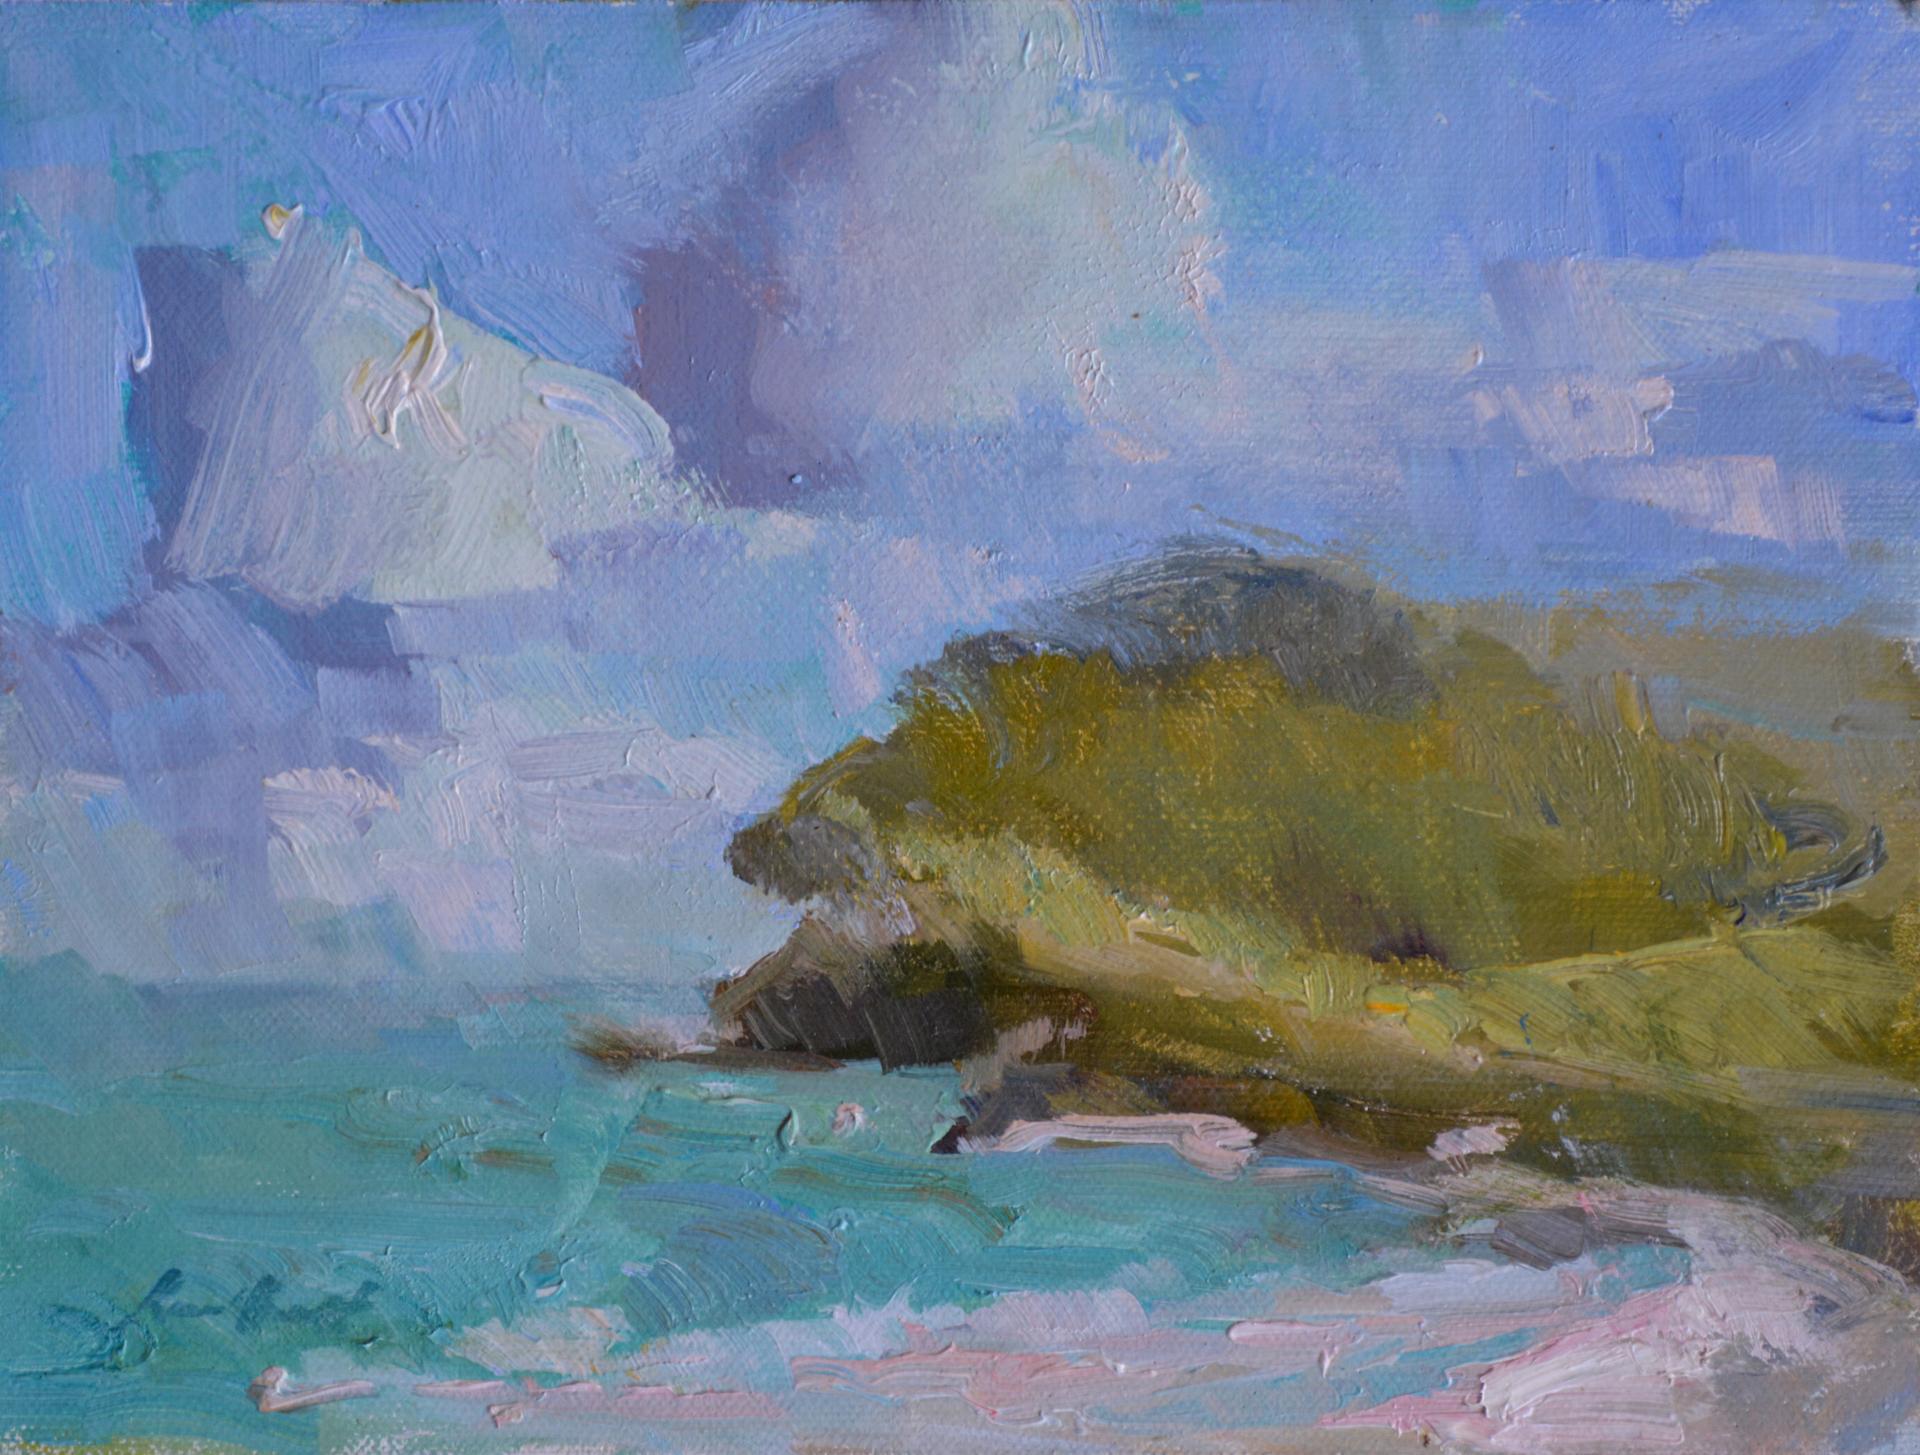 St. Croix Beach by Karen Hewitt Hagan